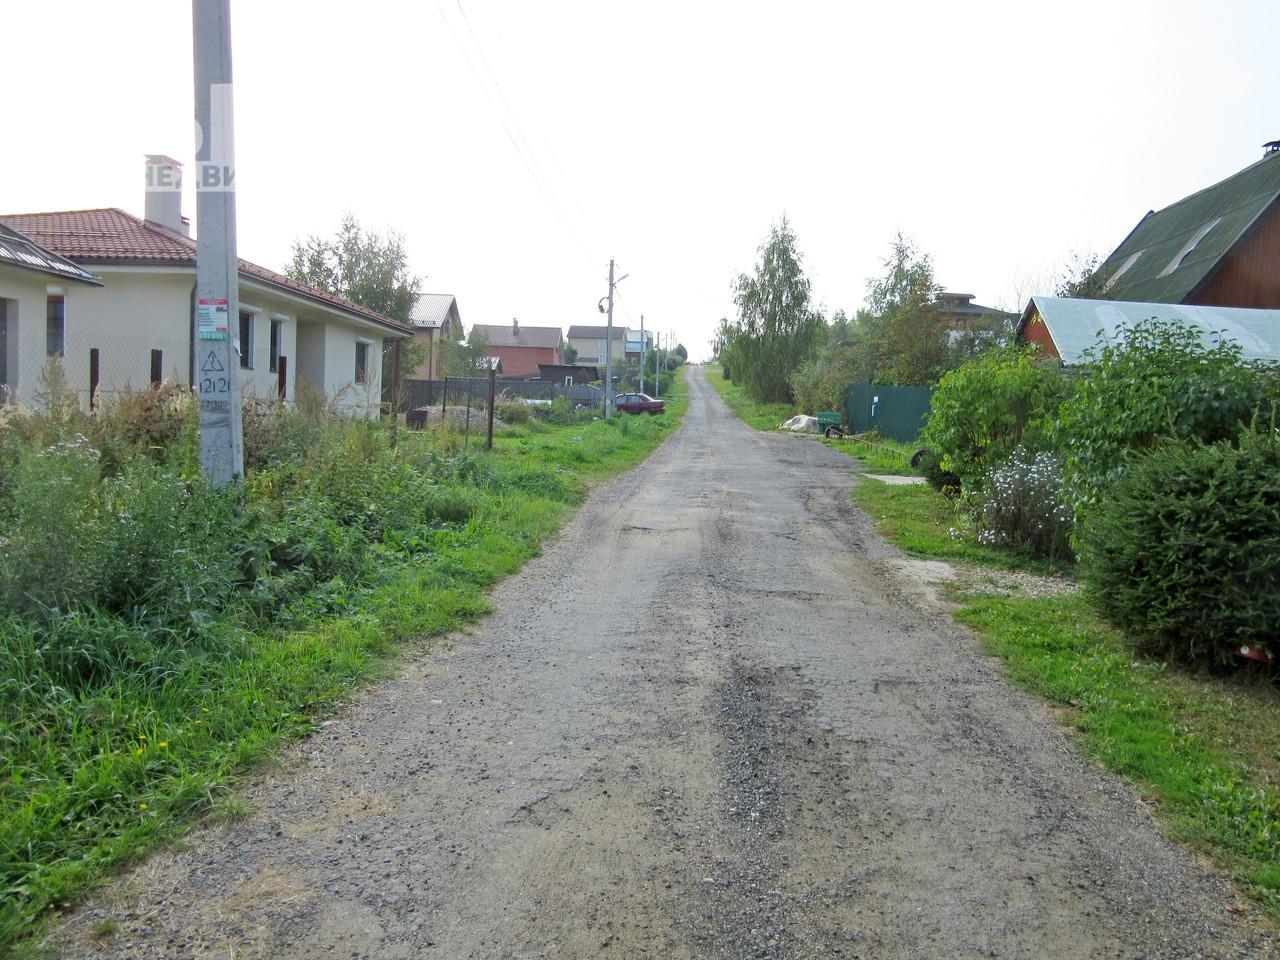 Московская область, Дмитровский городской округ, Данилиха 2